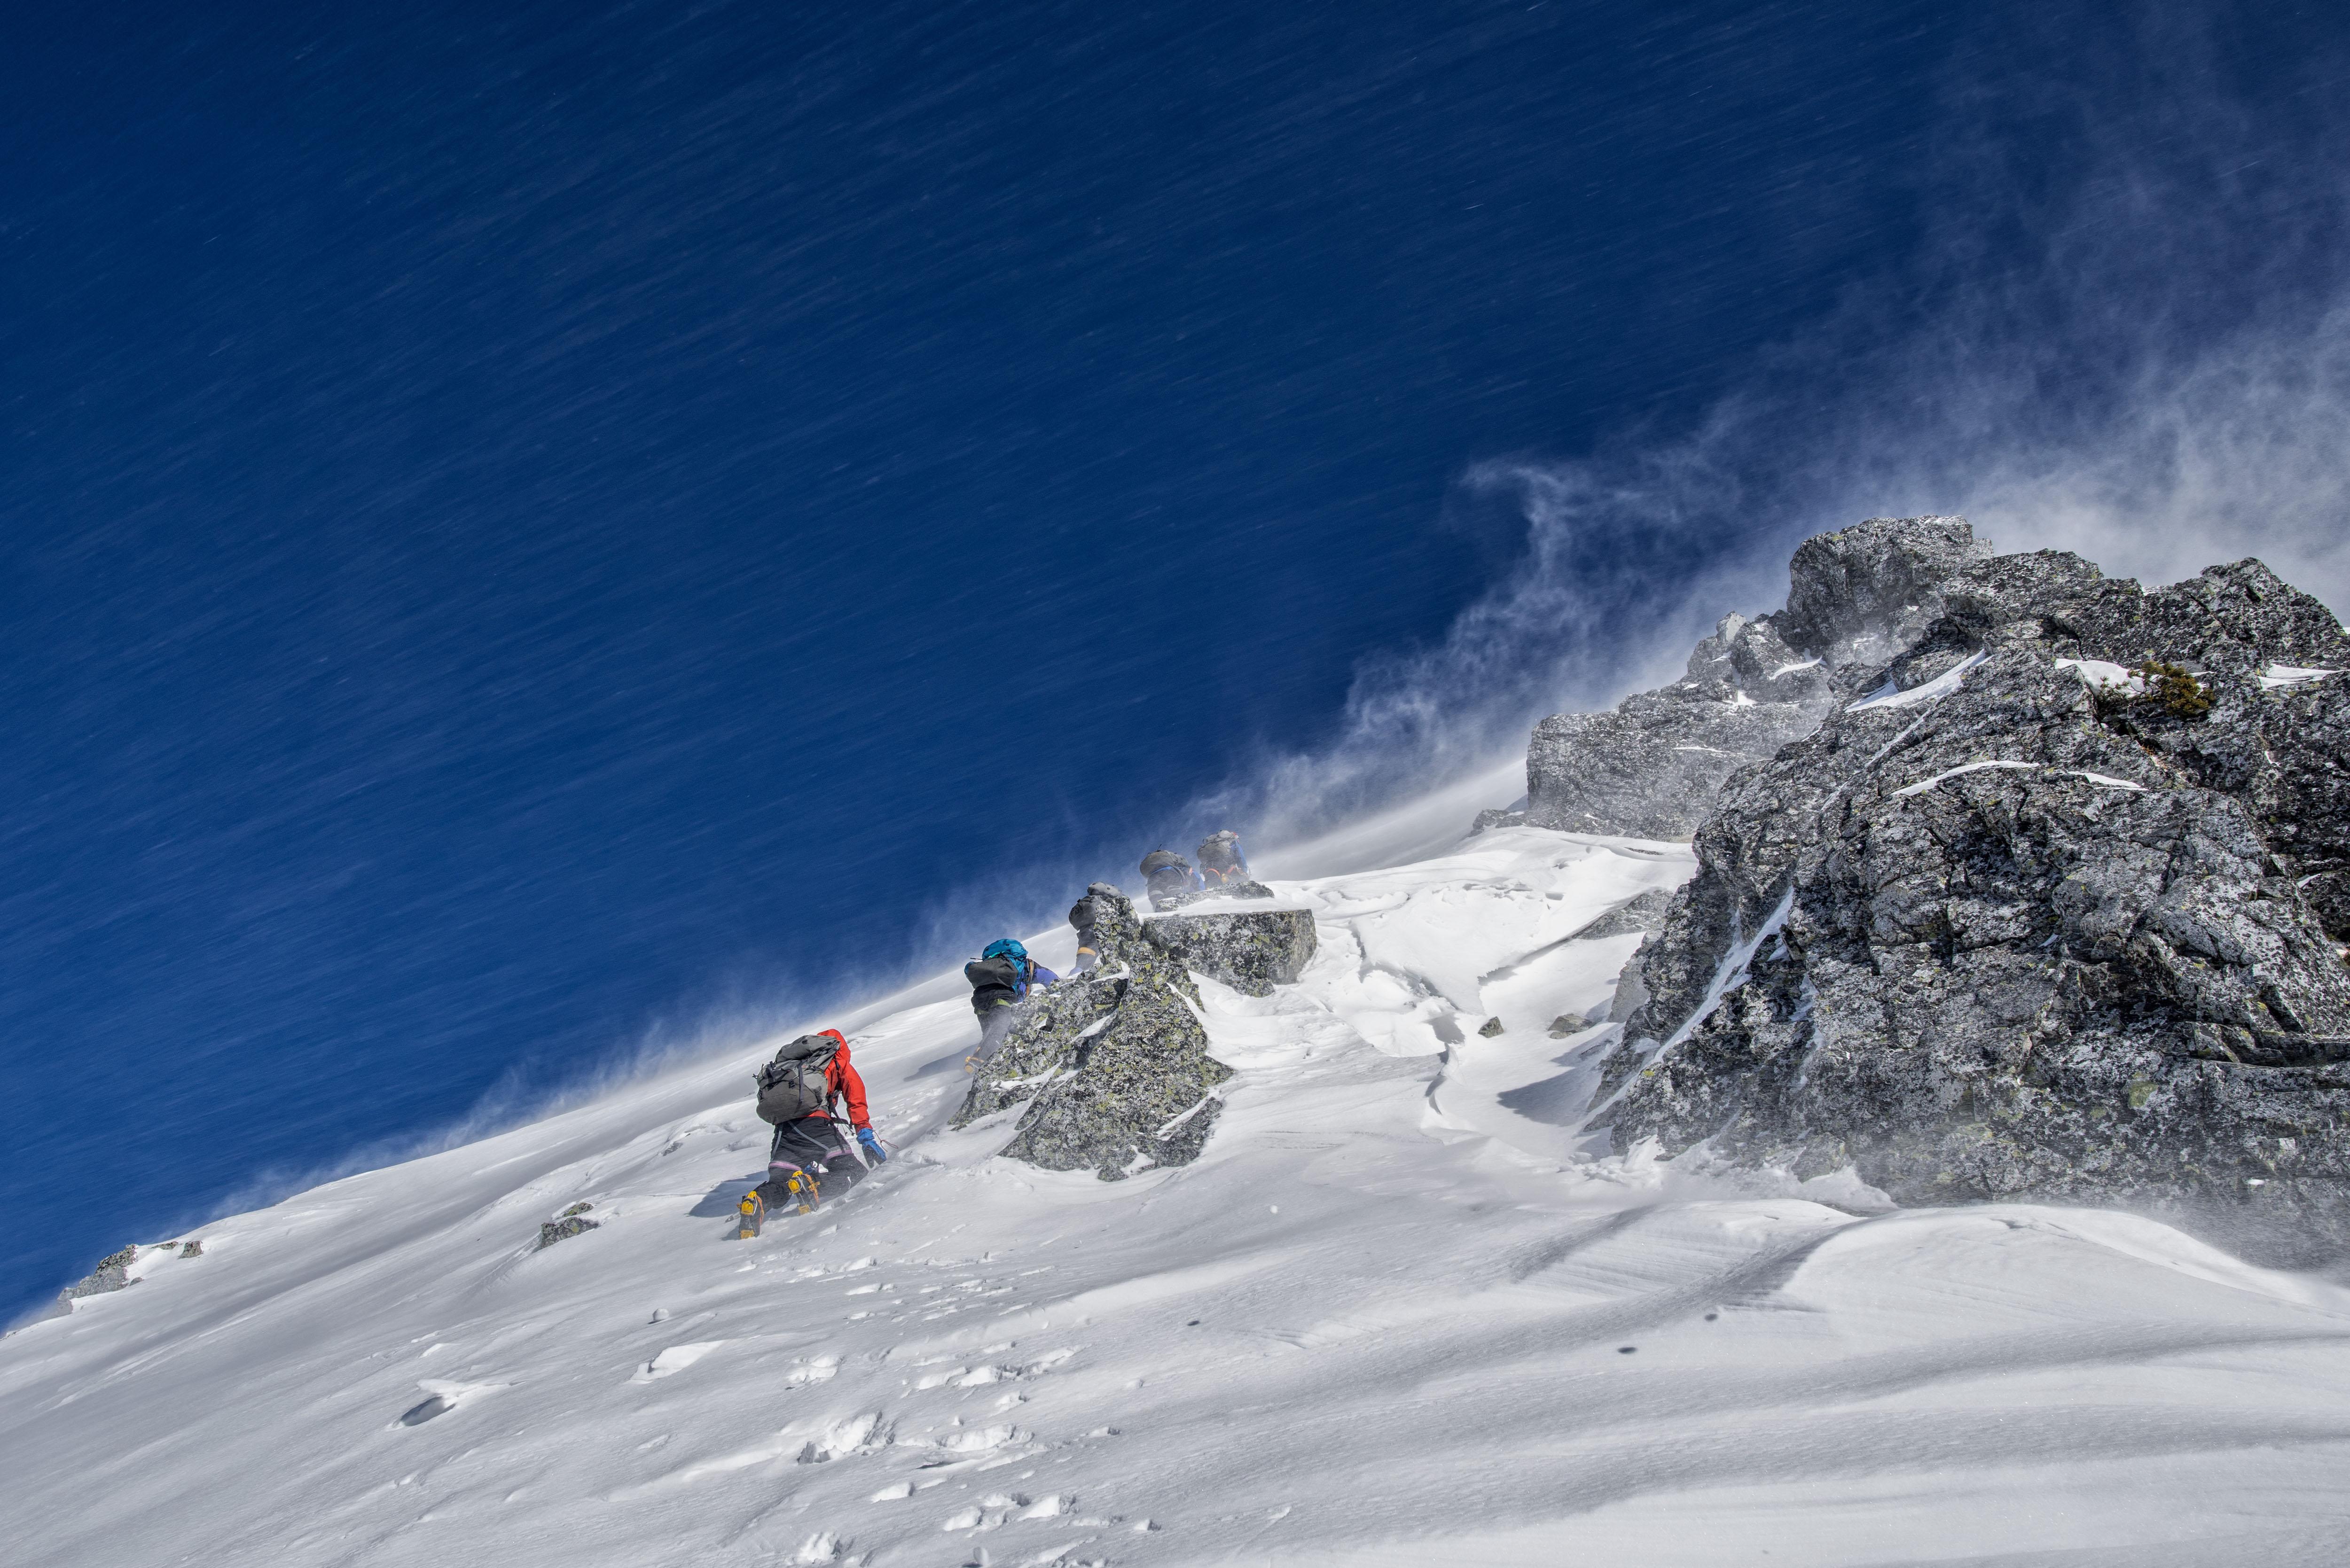 HDoboi.Kiev.ua - Альпинисты взбираются на крутую снежную гору, зима